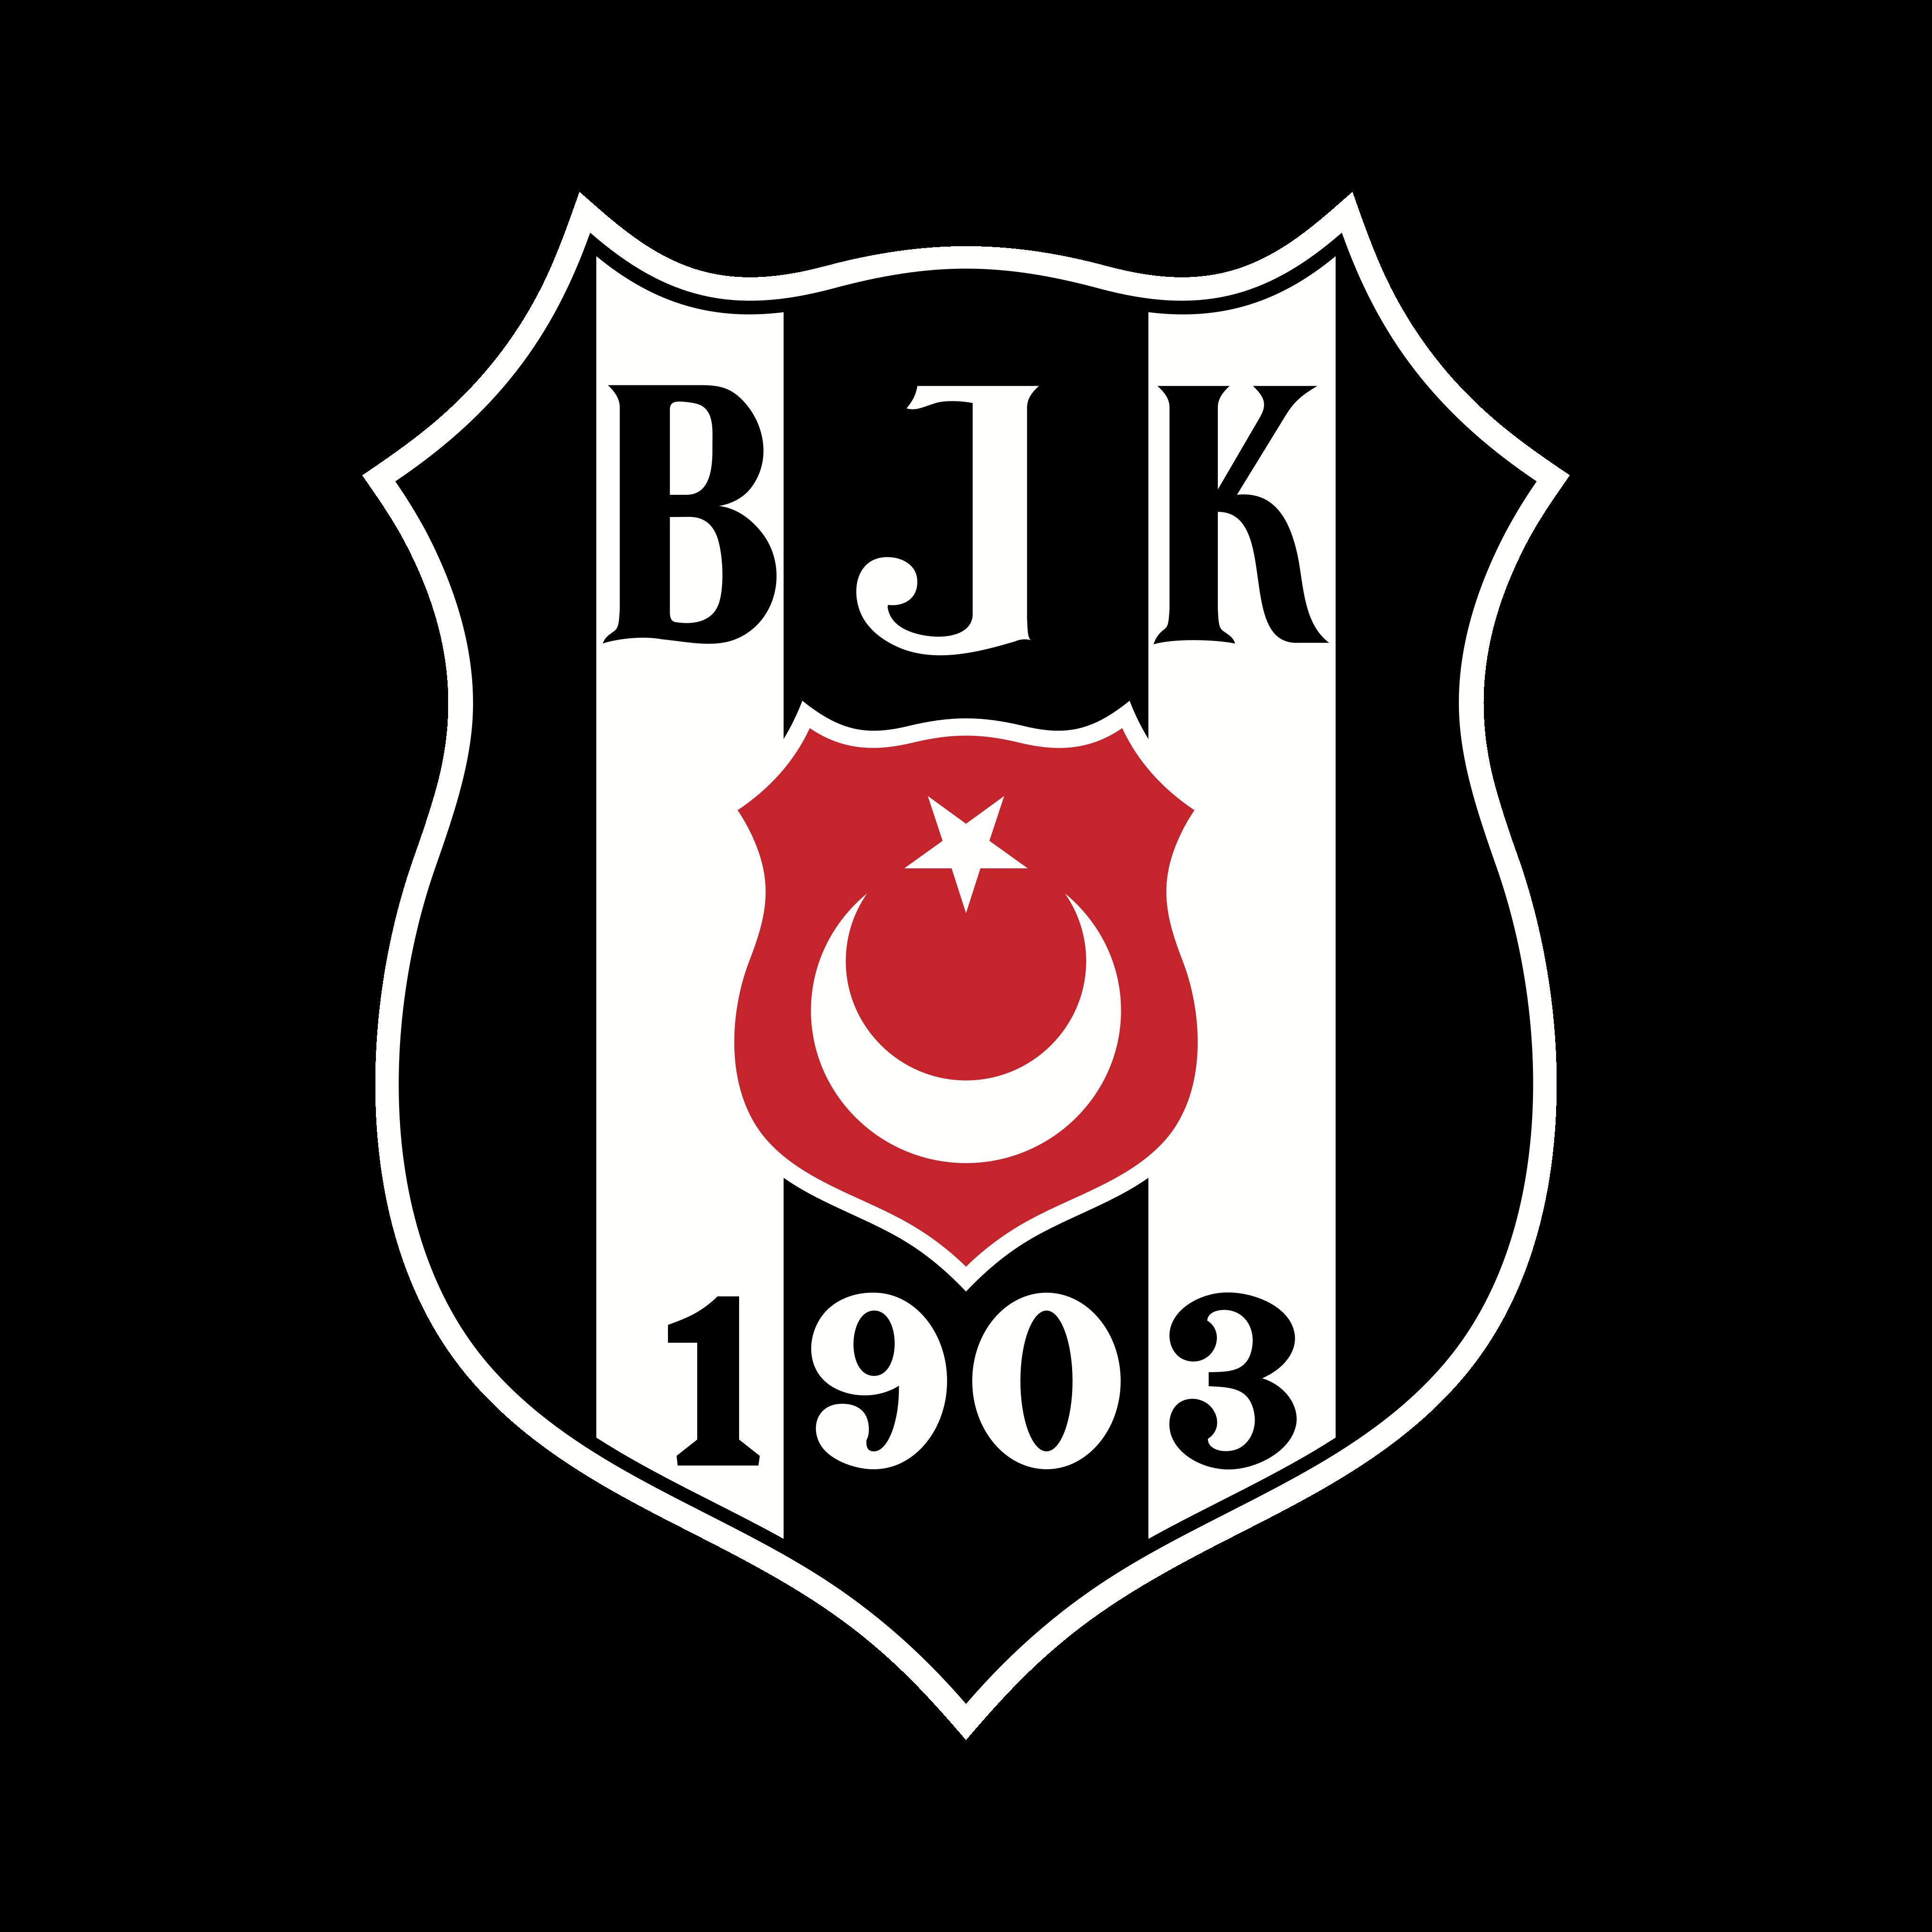 besiktas jk logo 0 - Besiktas JK Logo